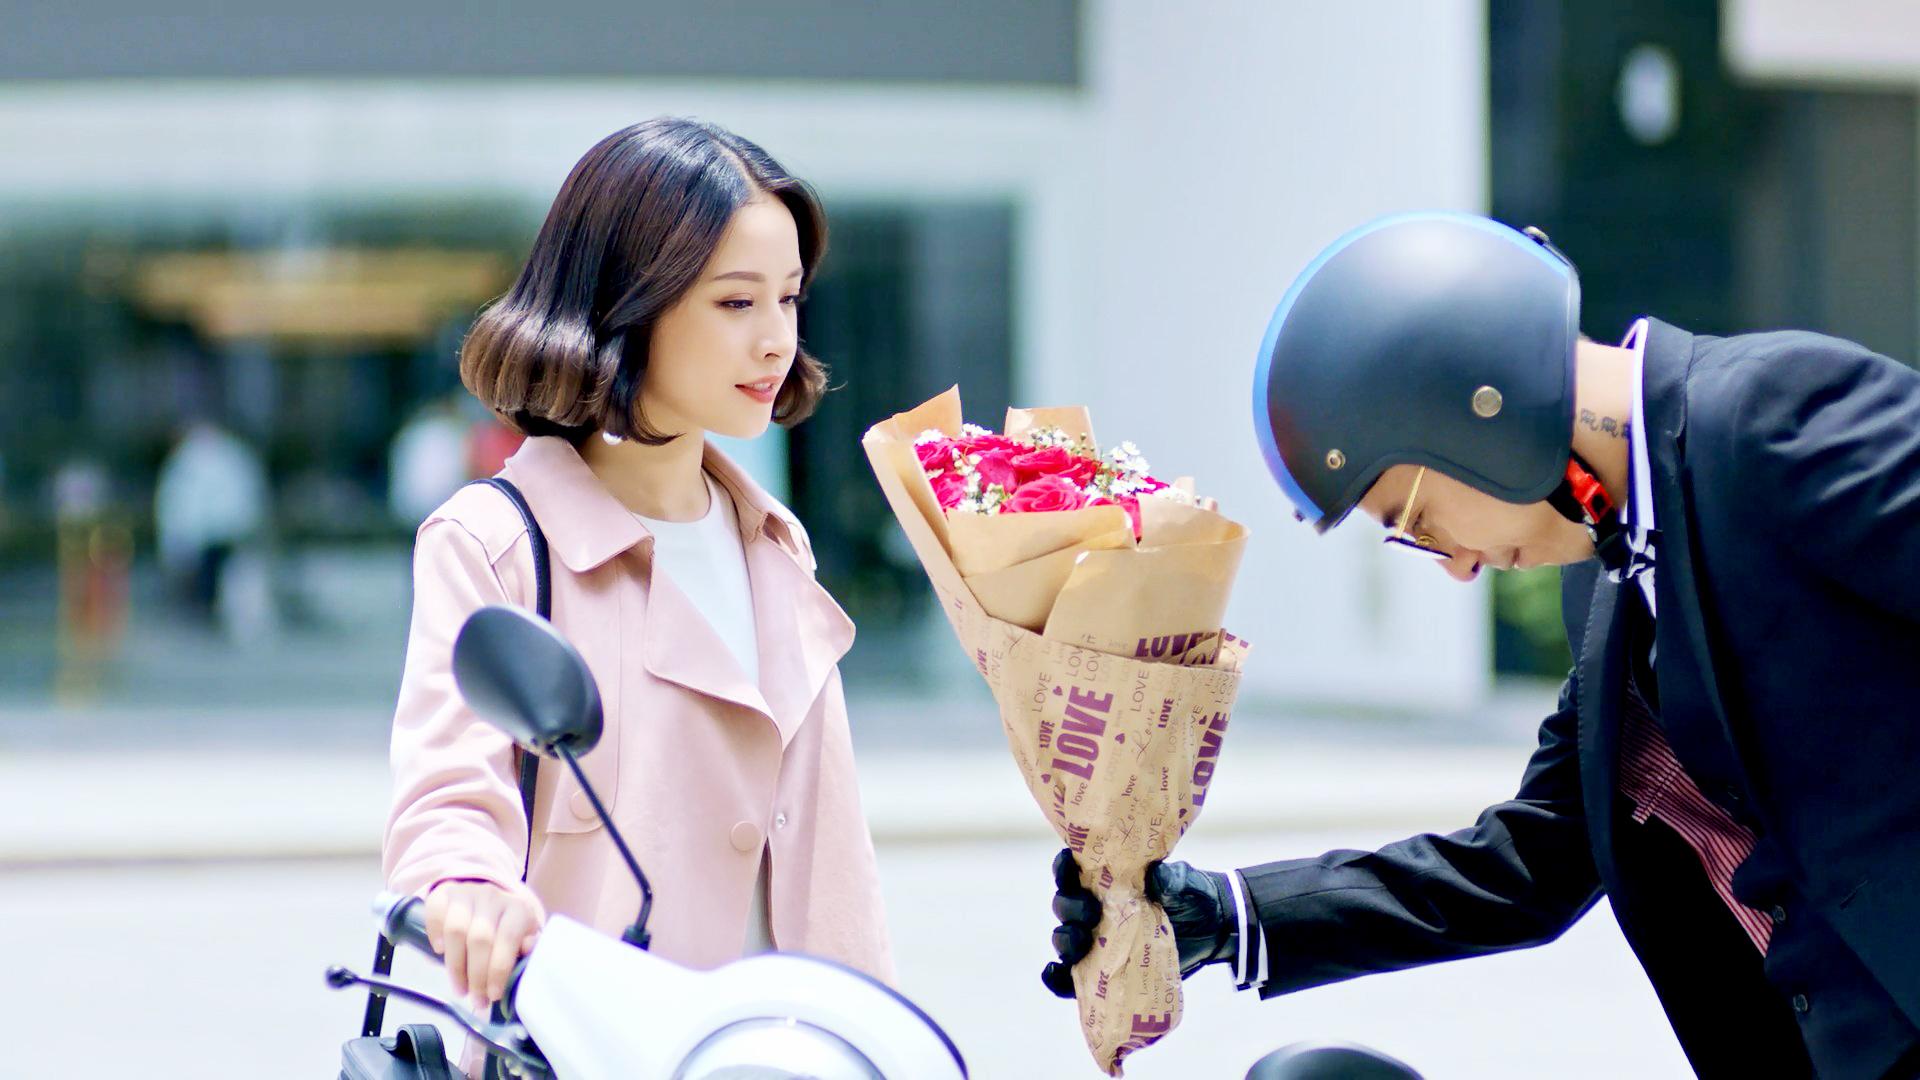 Ga lăng đến đón và tặng hoa cho người đẹp.